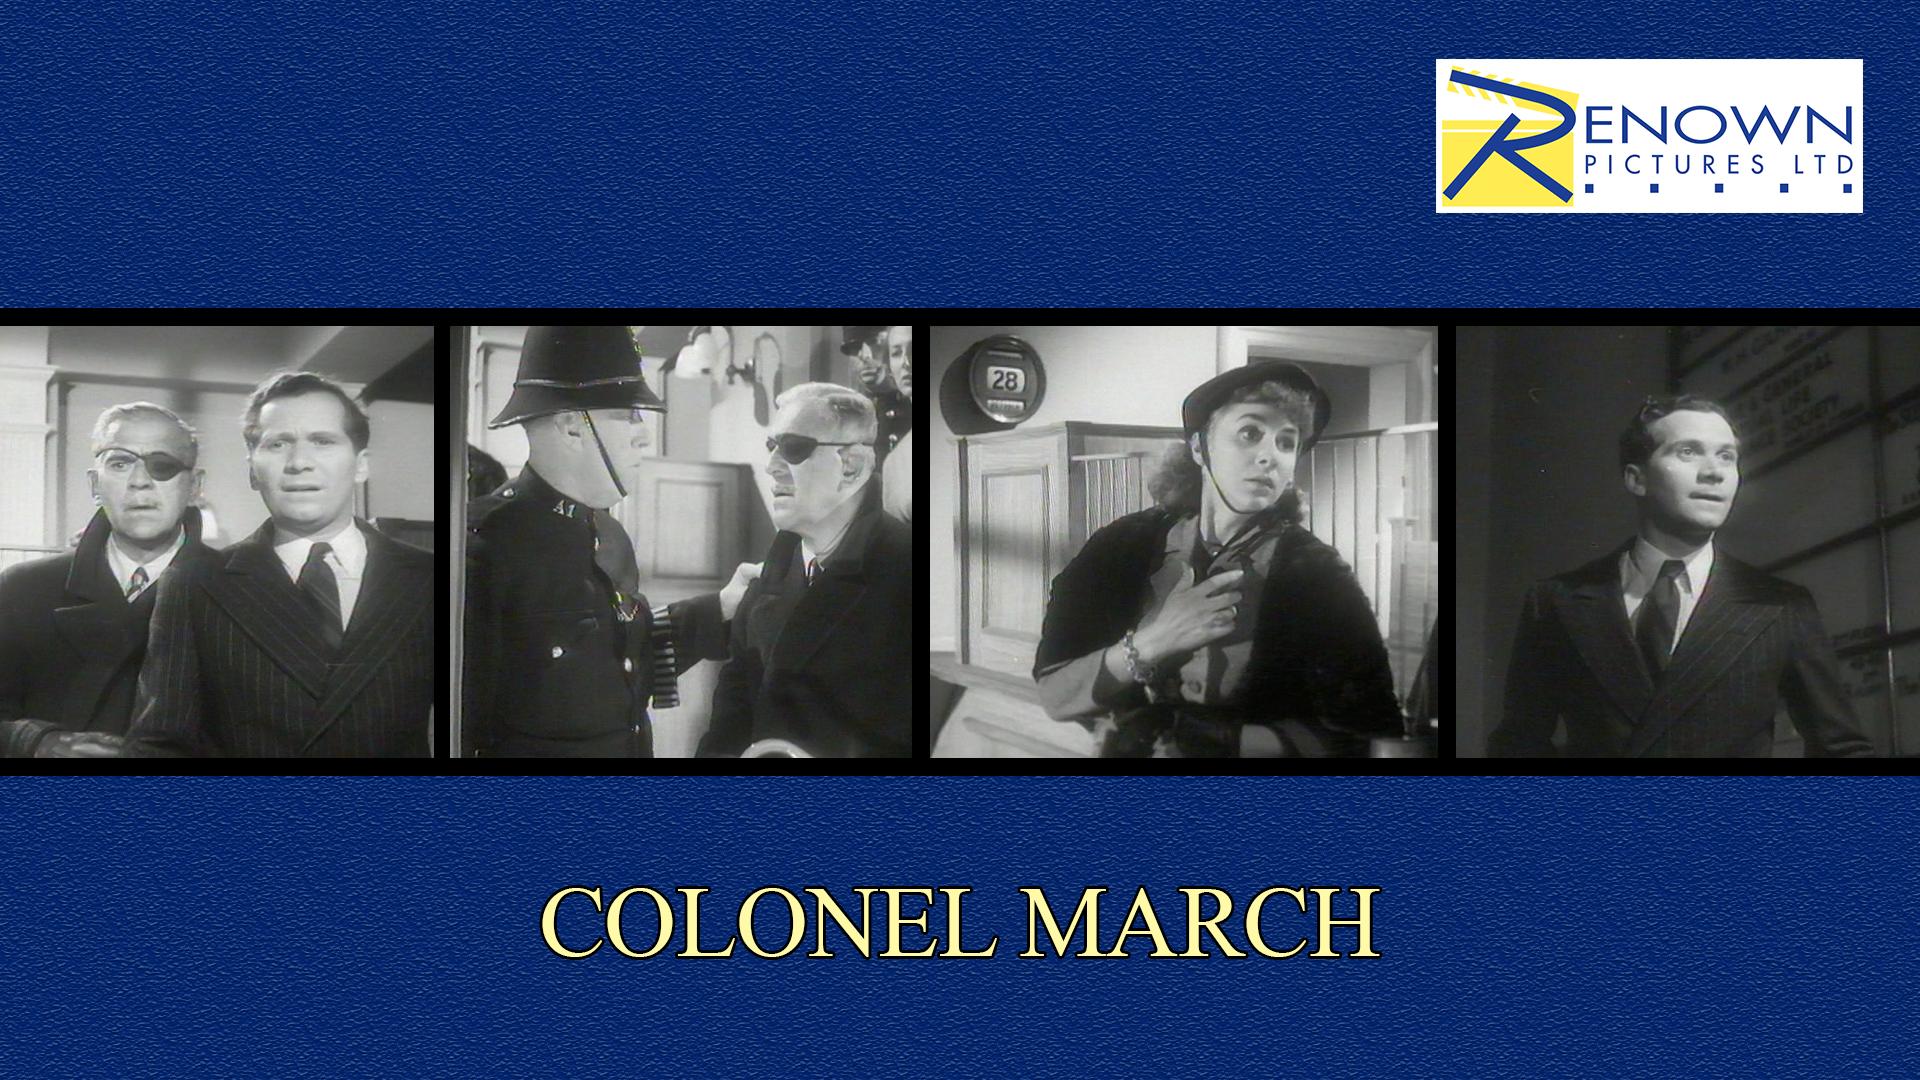 Colonel March